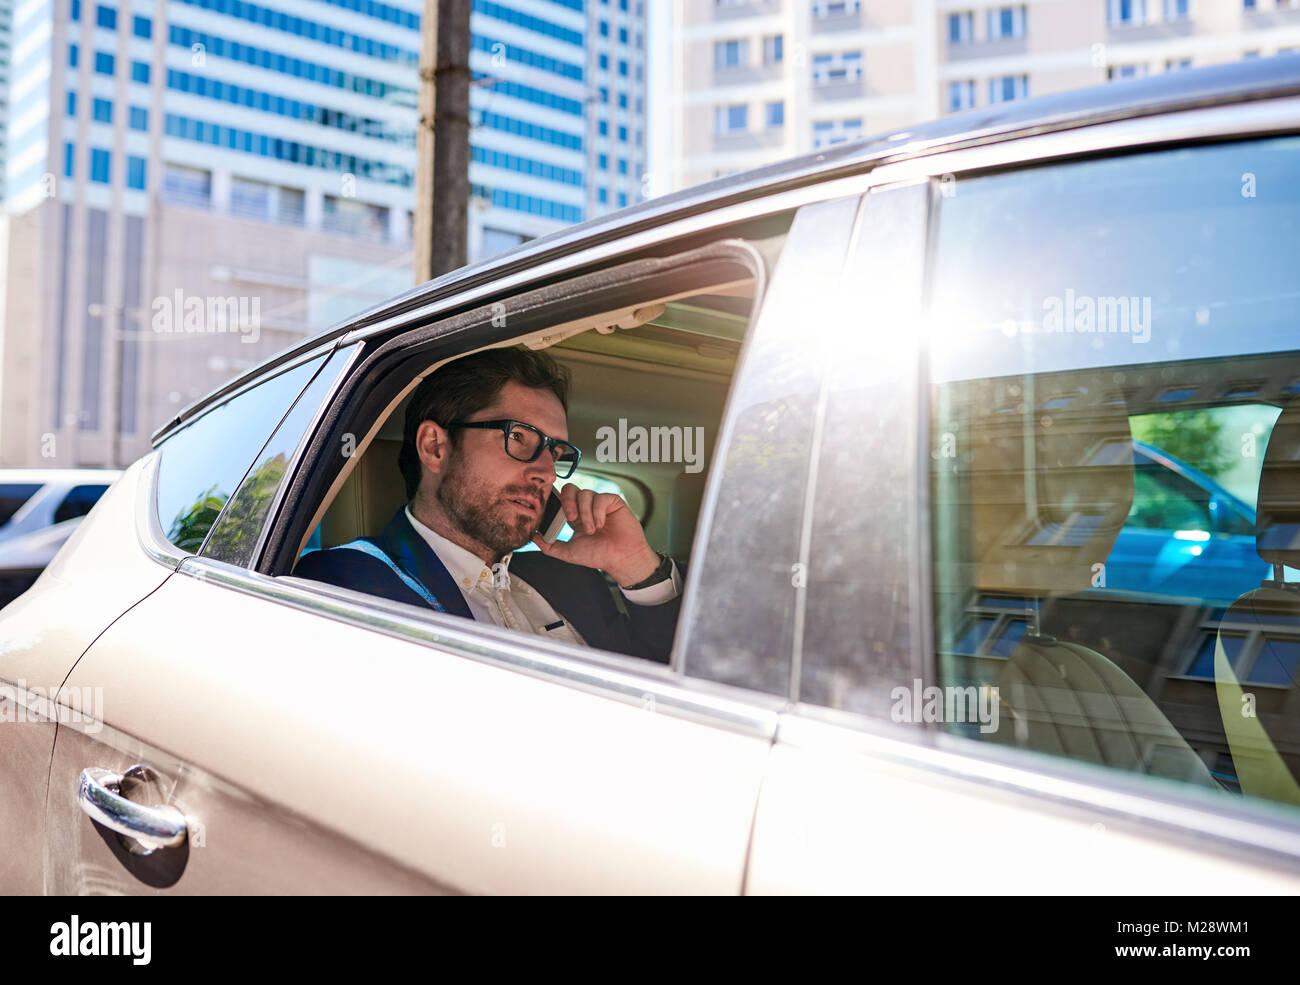 Junge Unternehmer auf dem Rücksitz eines Autos sprechen am Mobiltelefon, während durch die Stadt gefahren Stockbild